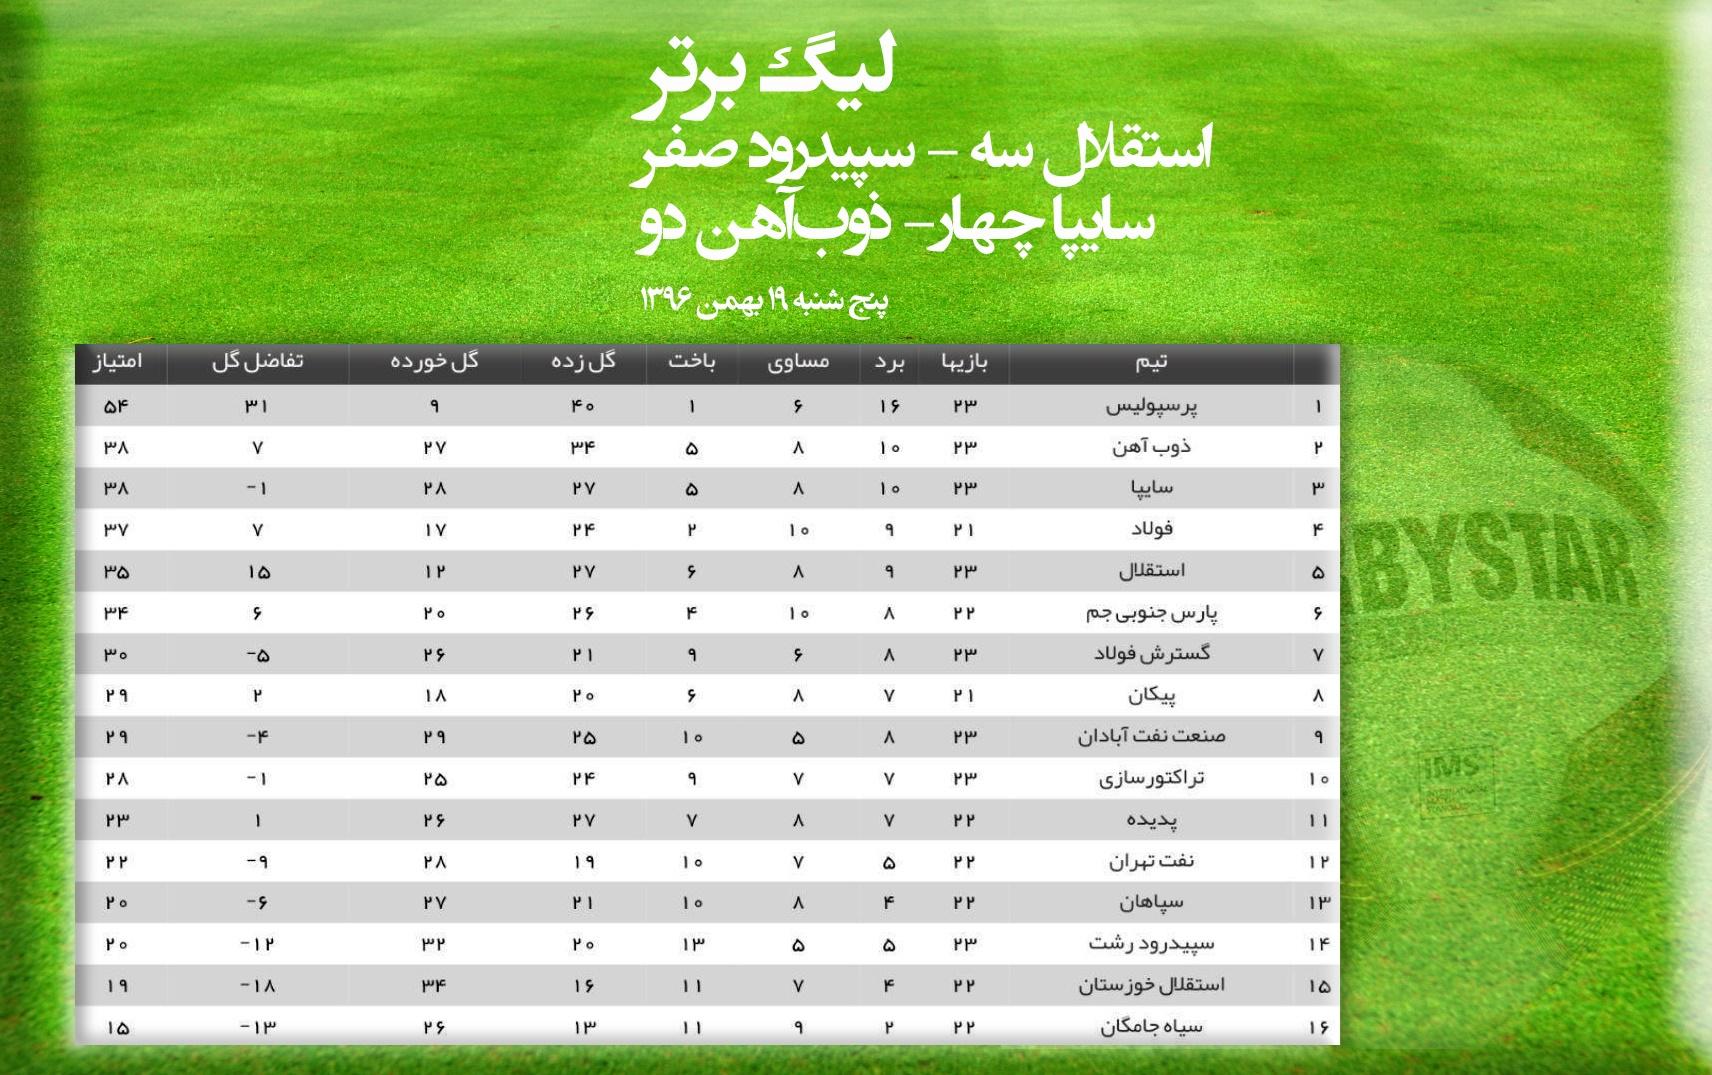 جدول رده بندی لیگ برتر فوتبال ایران